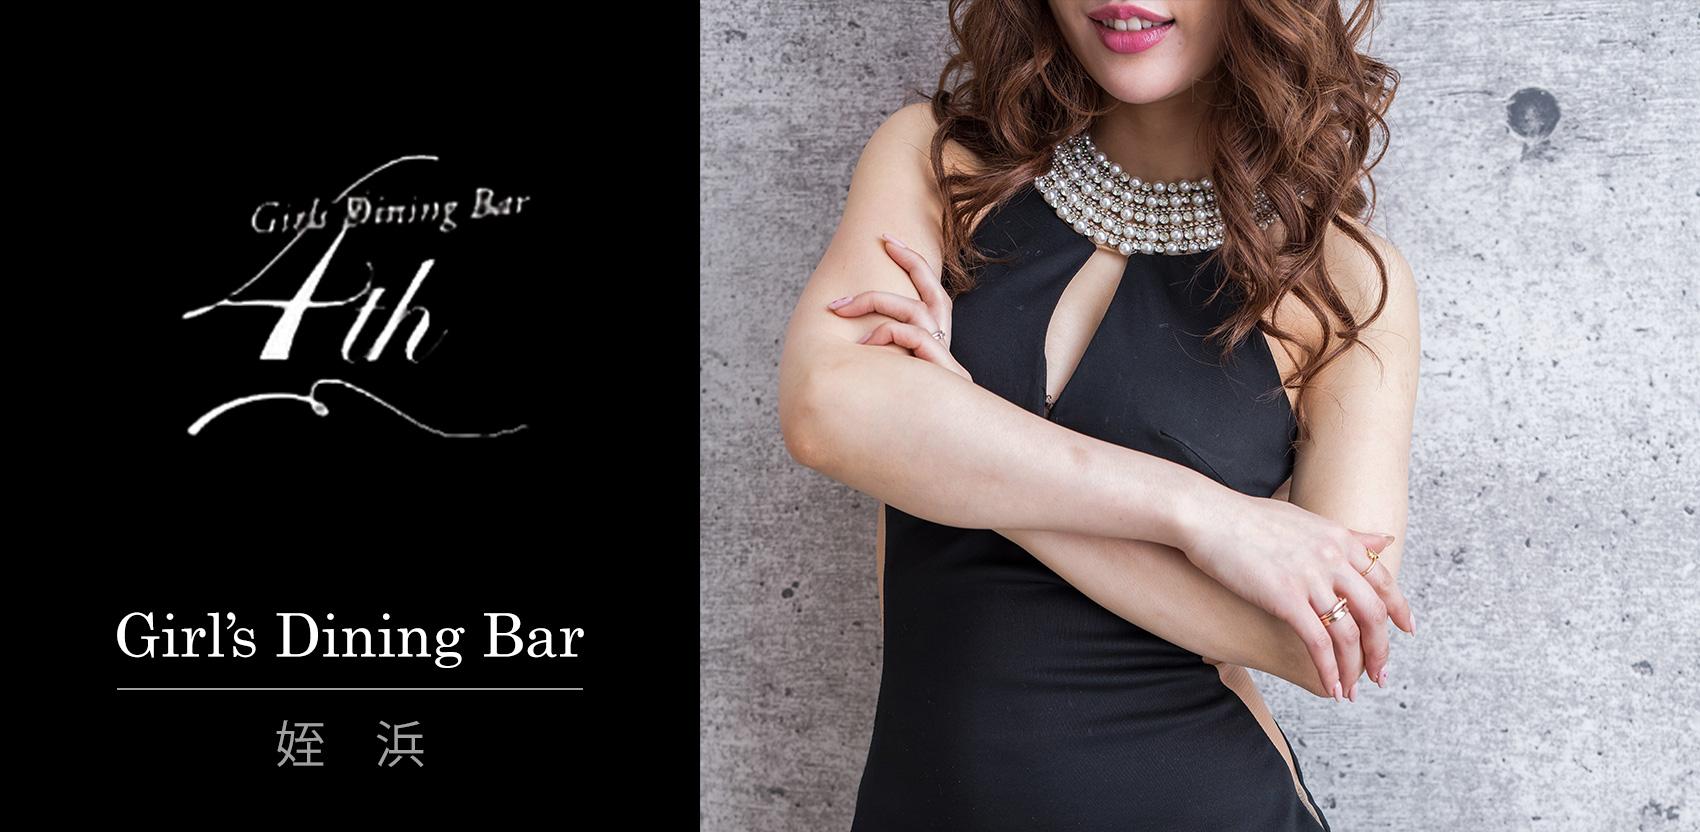 [姪浜] Girl's Dining Bar 4th (ガールズダイニングバー・フォース)